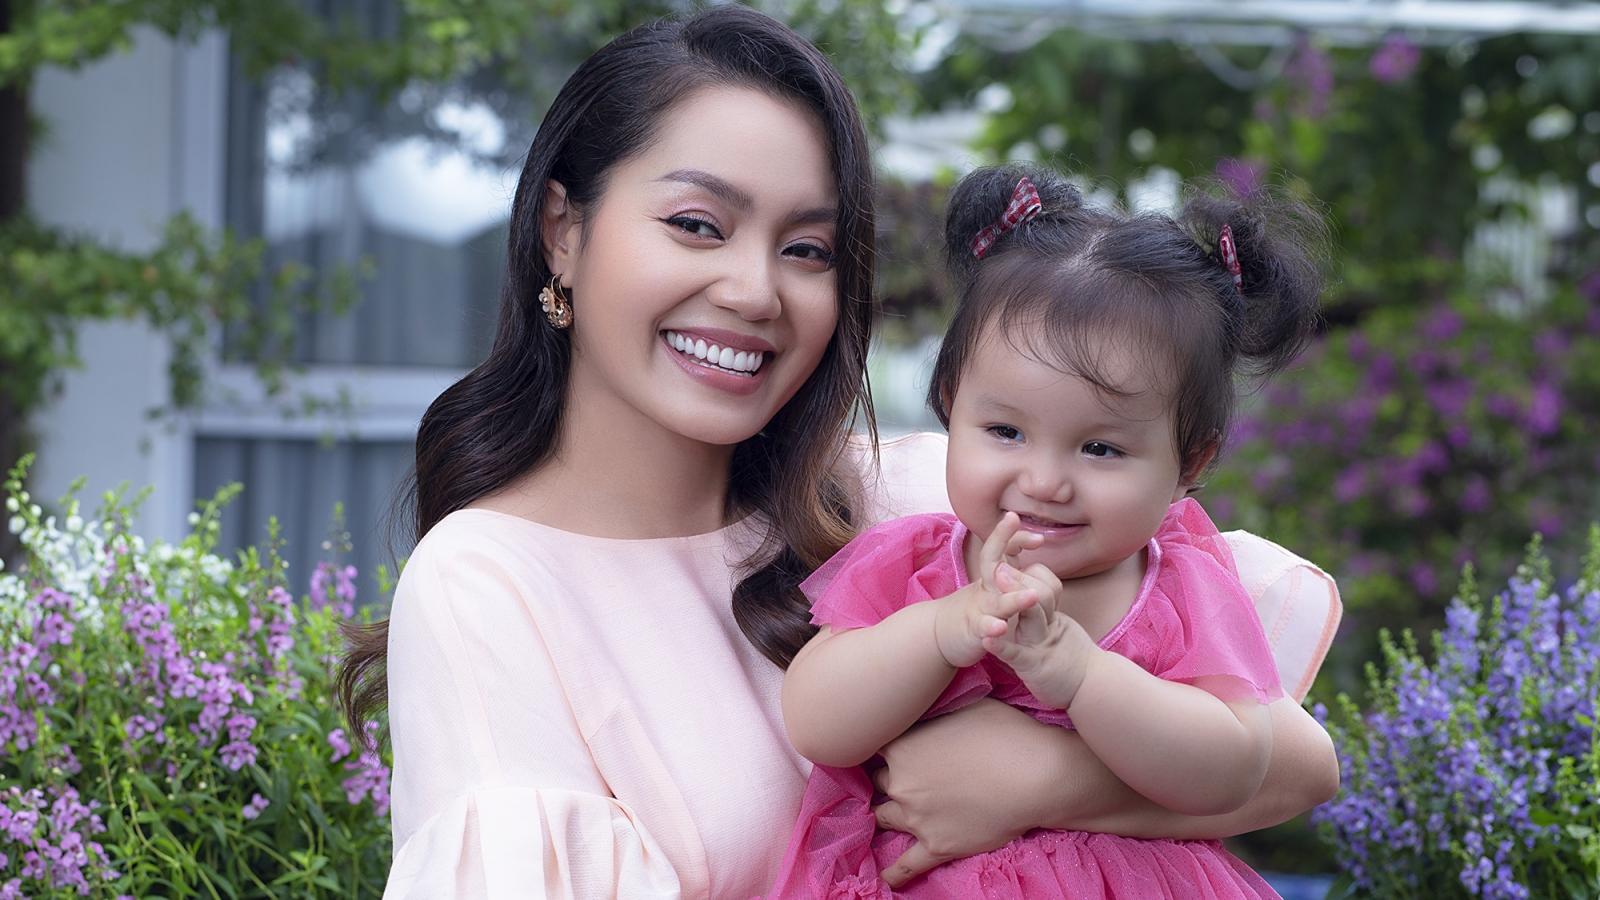 Ca sĩ Nguyễn Ngọc Anh lần đầu khoe ảnh con gái thứ hai xinh xắn, đáng yêu